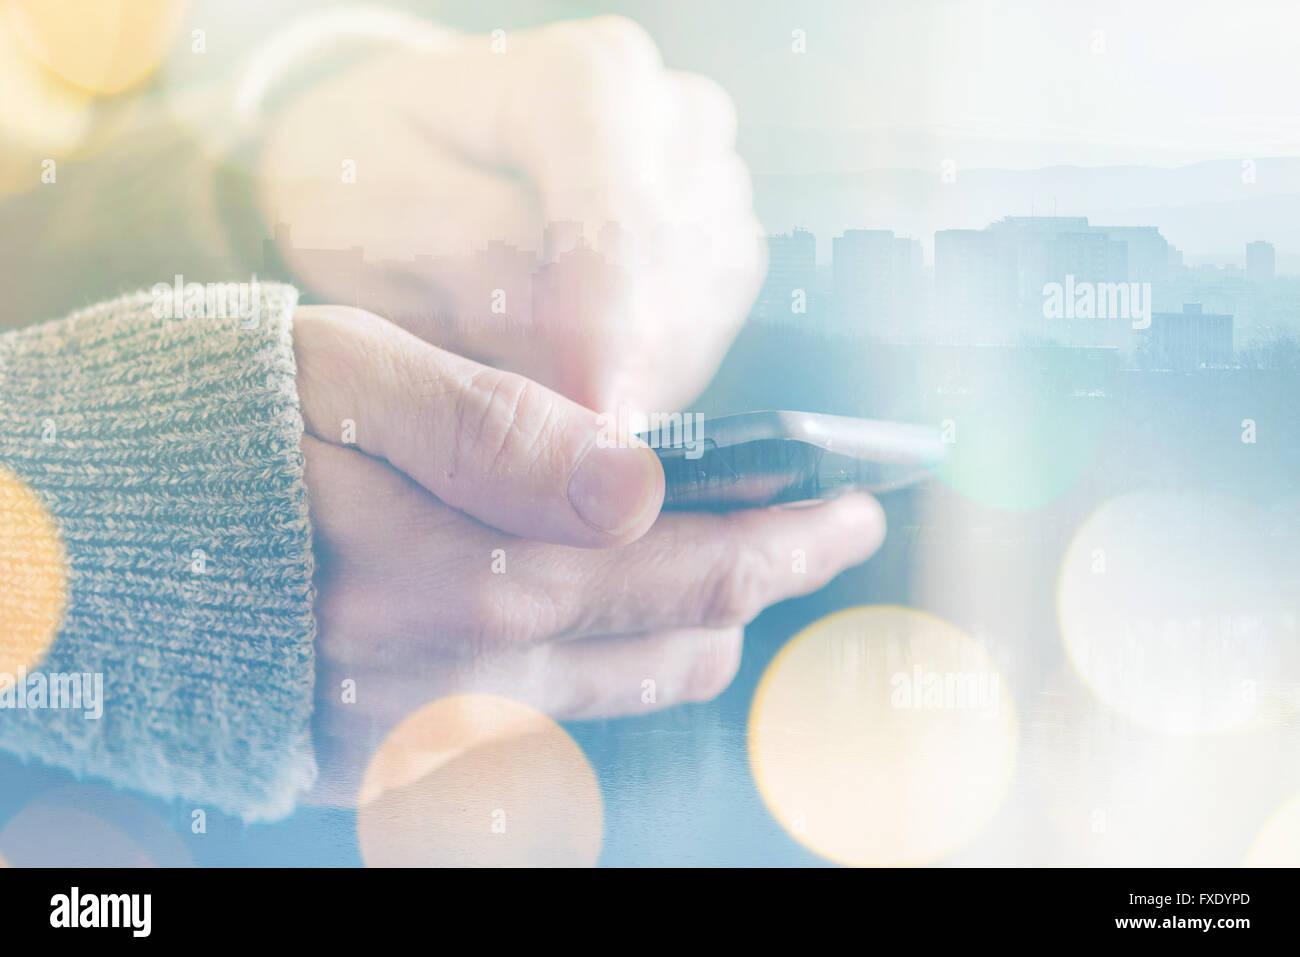 L'envoi de l'homme message texte sur smartphone, la lumière du soleil du matin par la fenêtre, Photo Stock